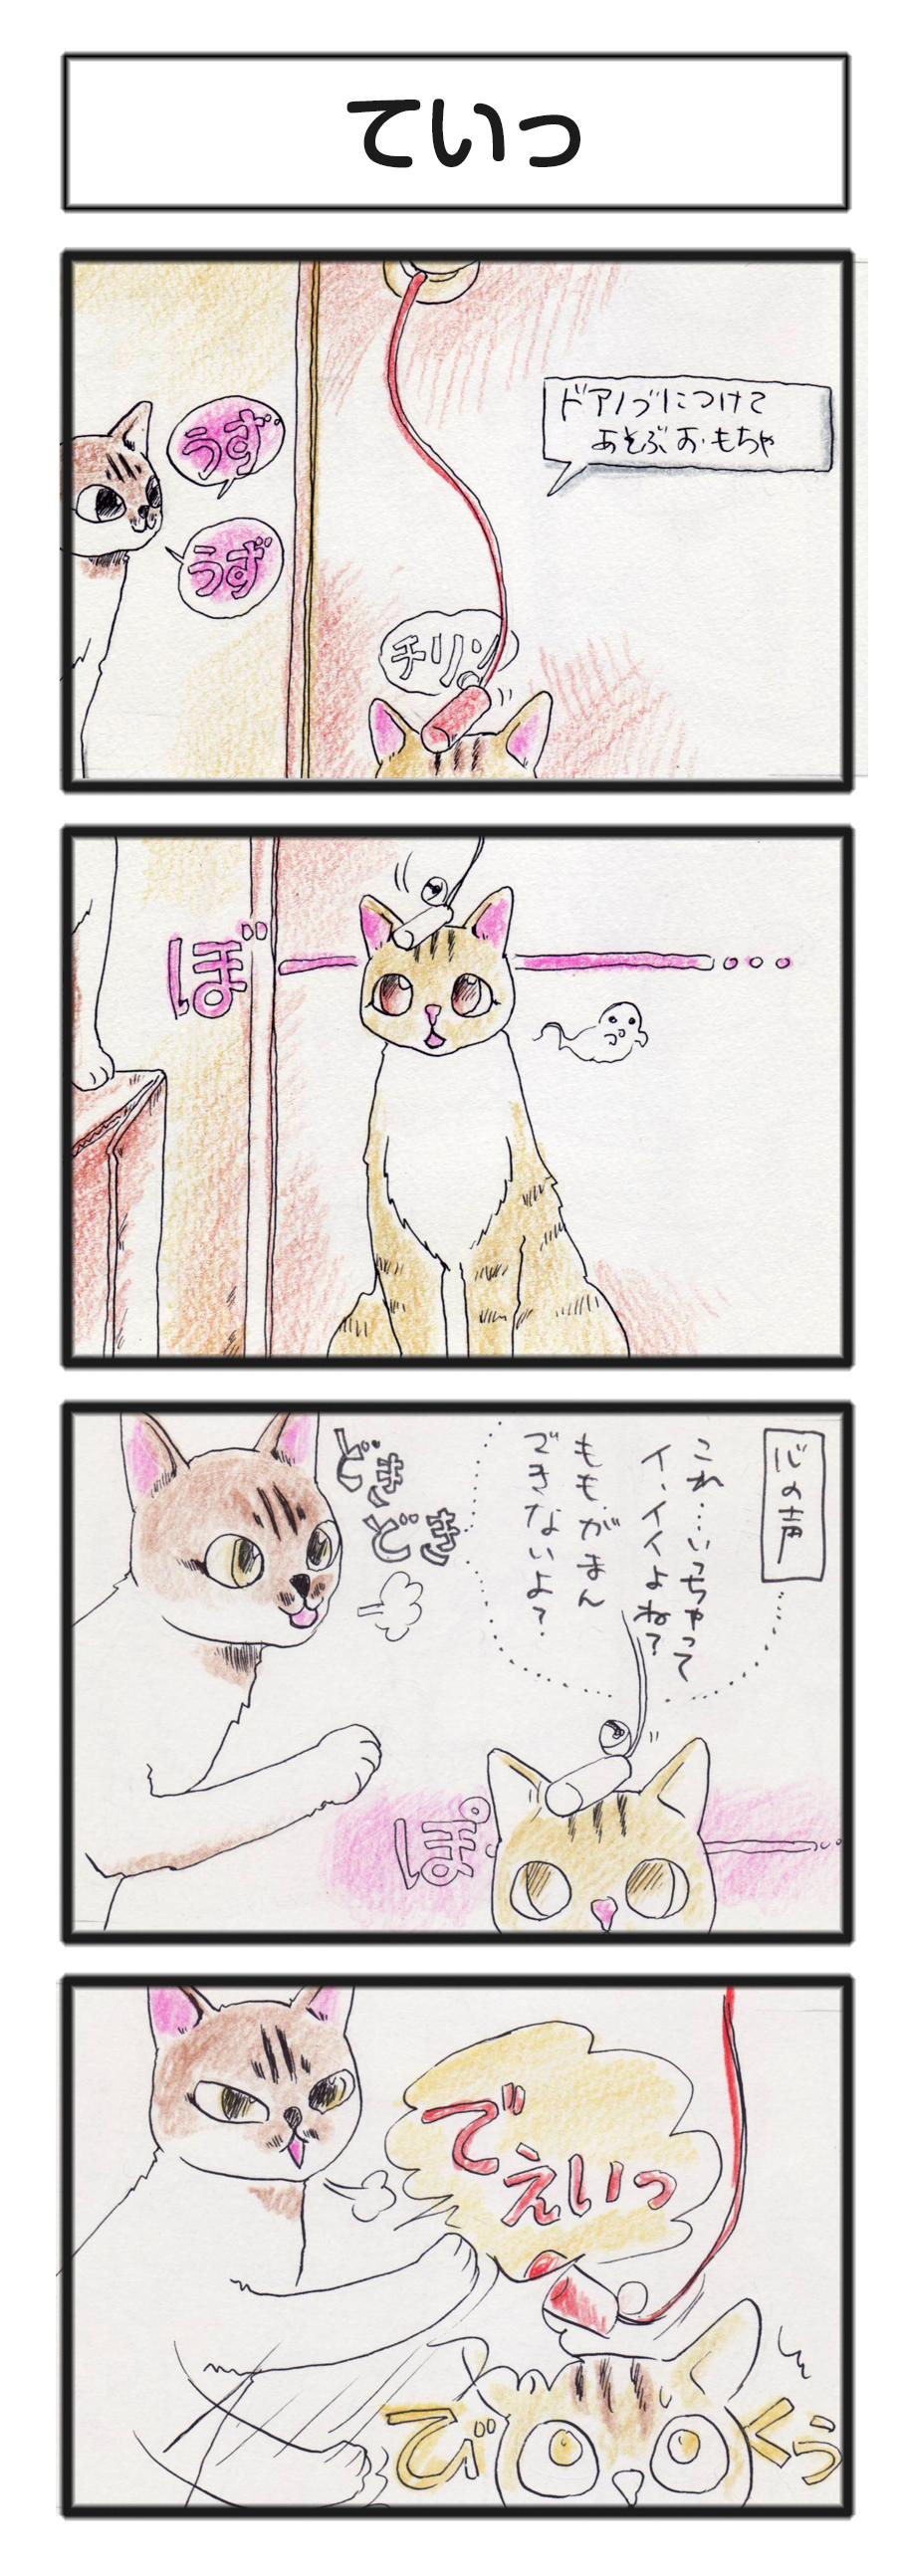 comic_4c_14072501.jpg